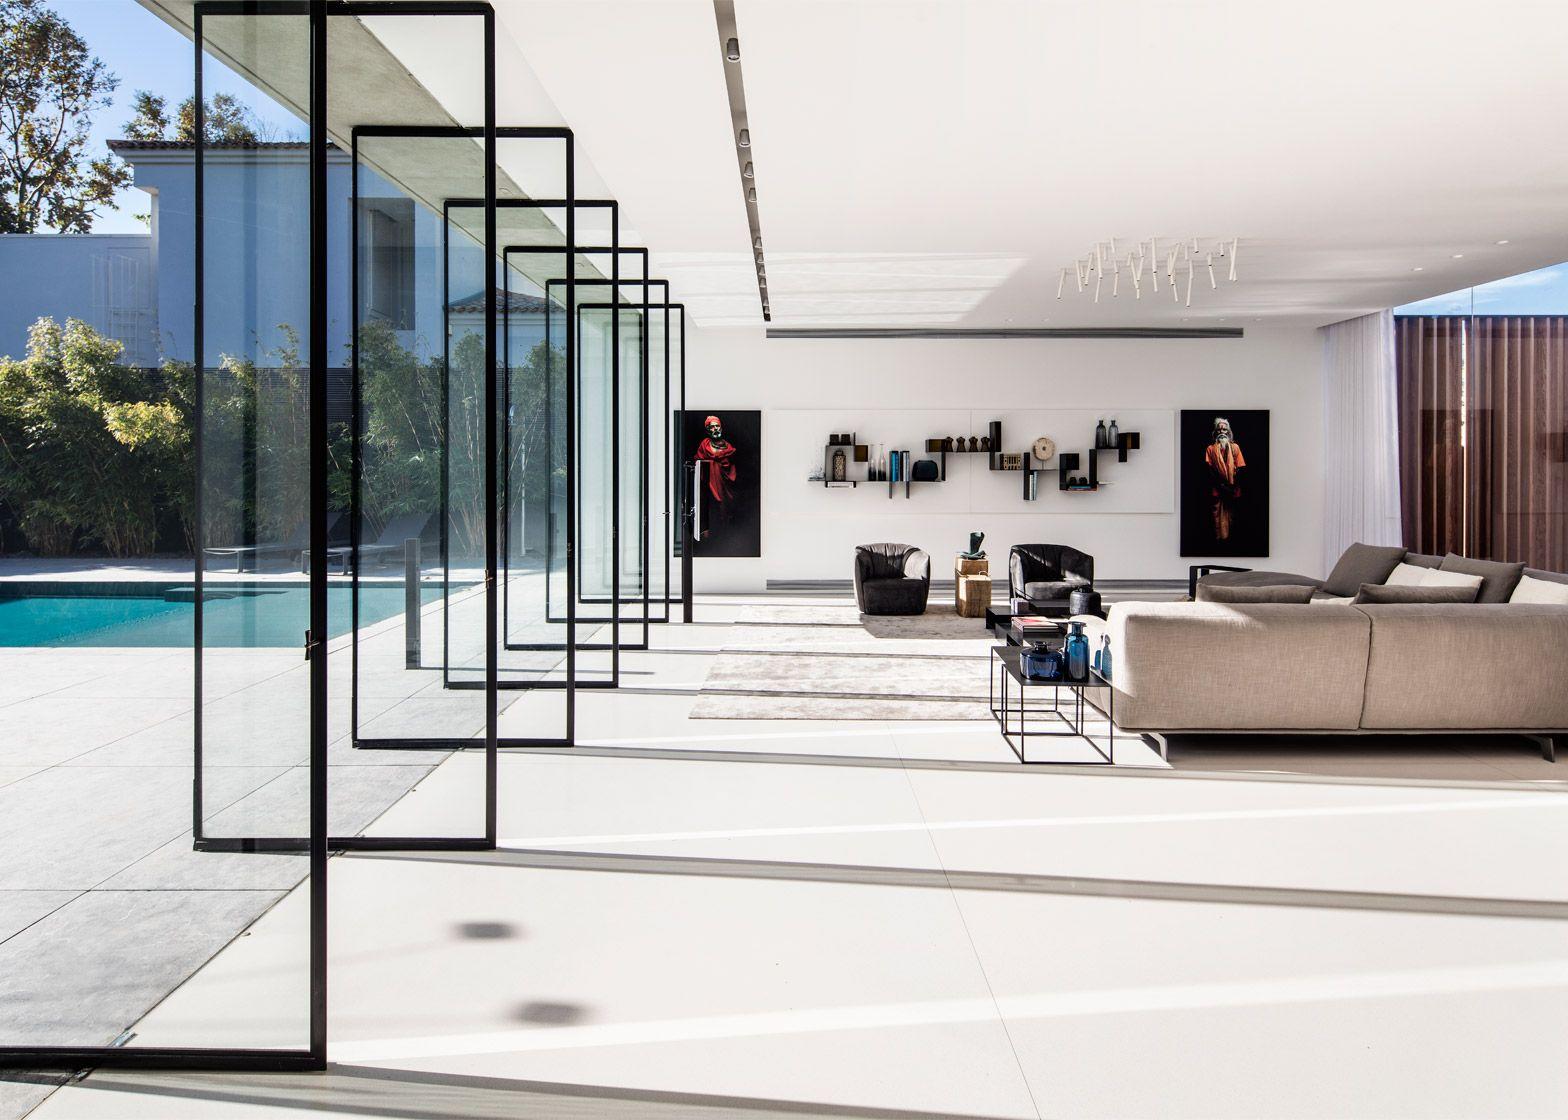 Best Interieur Algemeen Images On Pinterest Black Doors